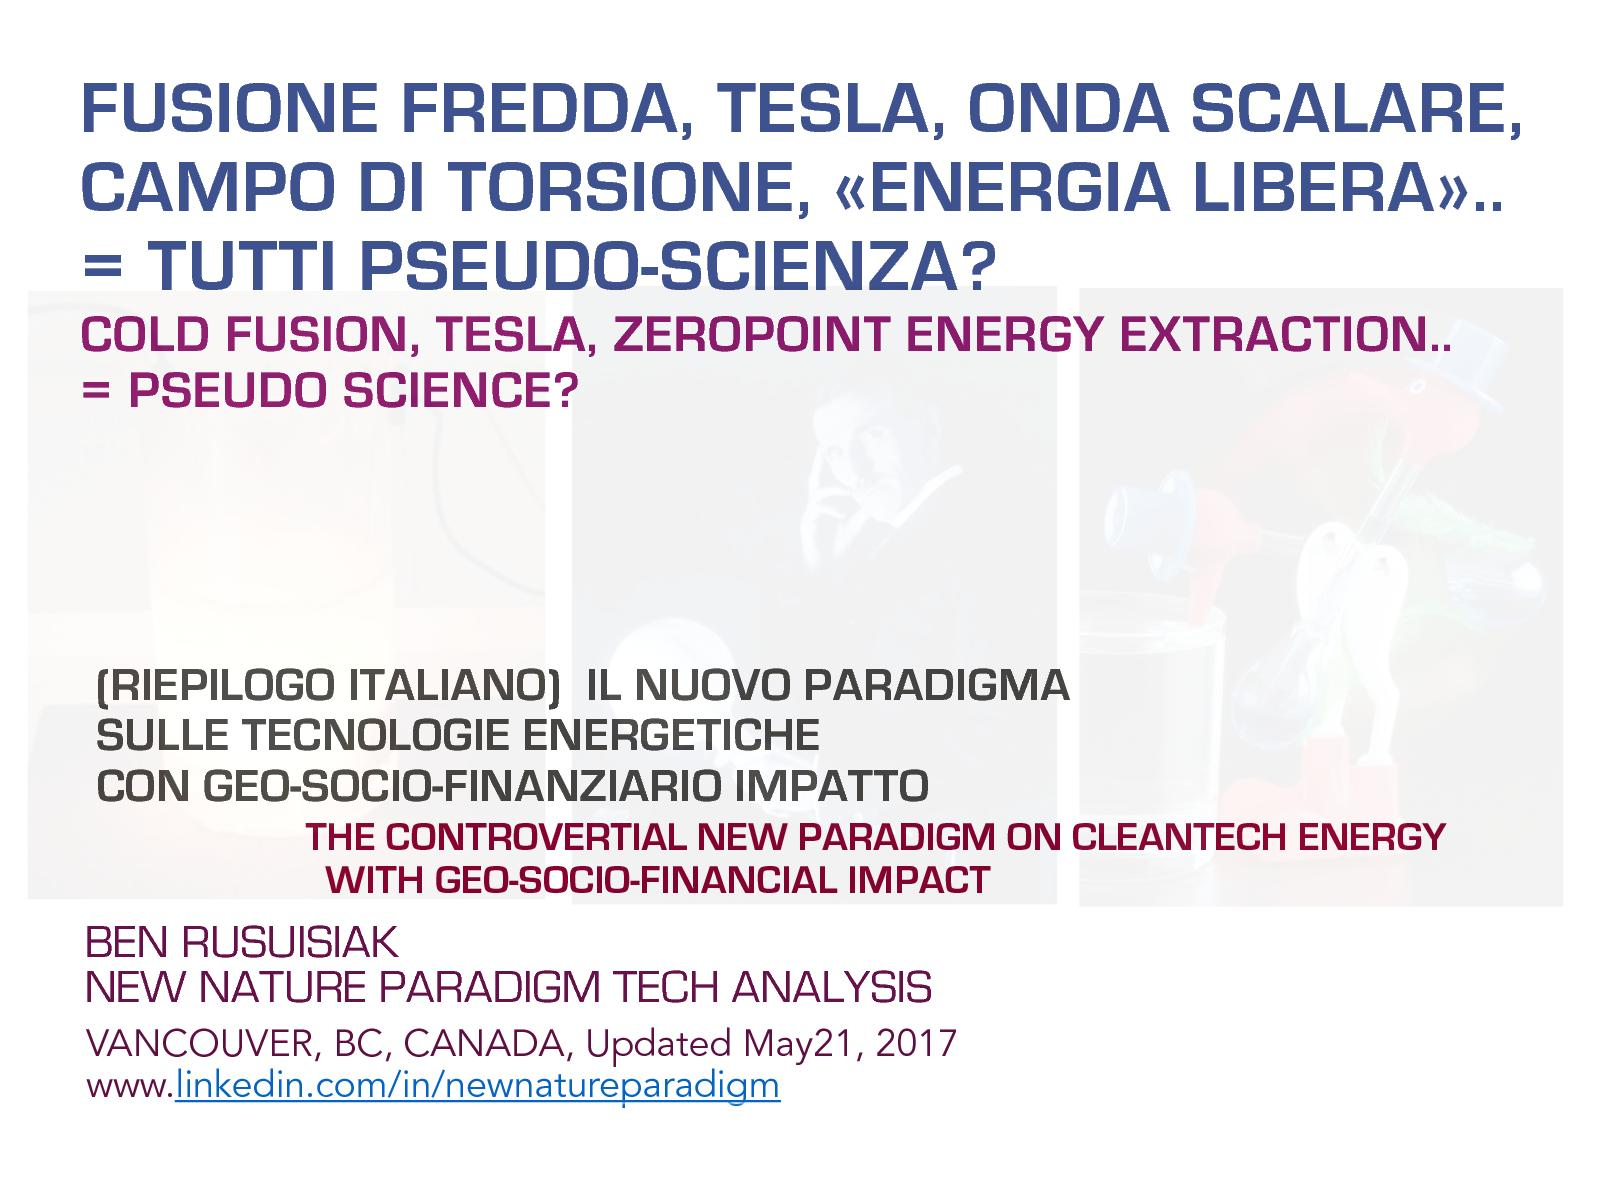 Calamo Fusione Fredda Tesla Onda Scalare Campo Di Torsione 7 Way Trailer Plug Wiring Diagram Contrail Triler Energia Libera Tutti Pseudo Scienza Cold Fusion Free Energy All